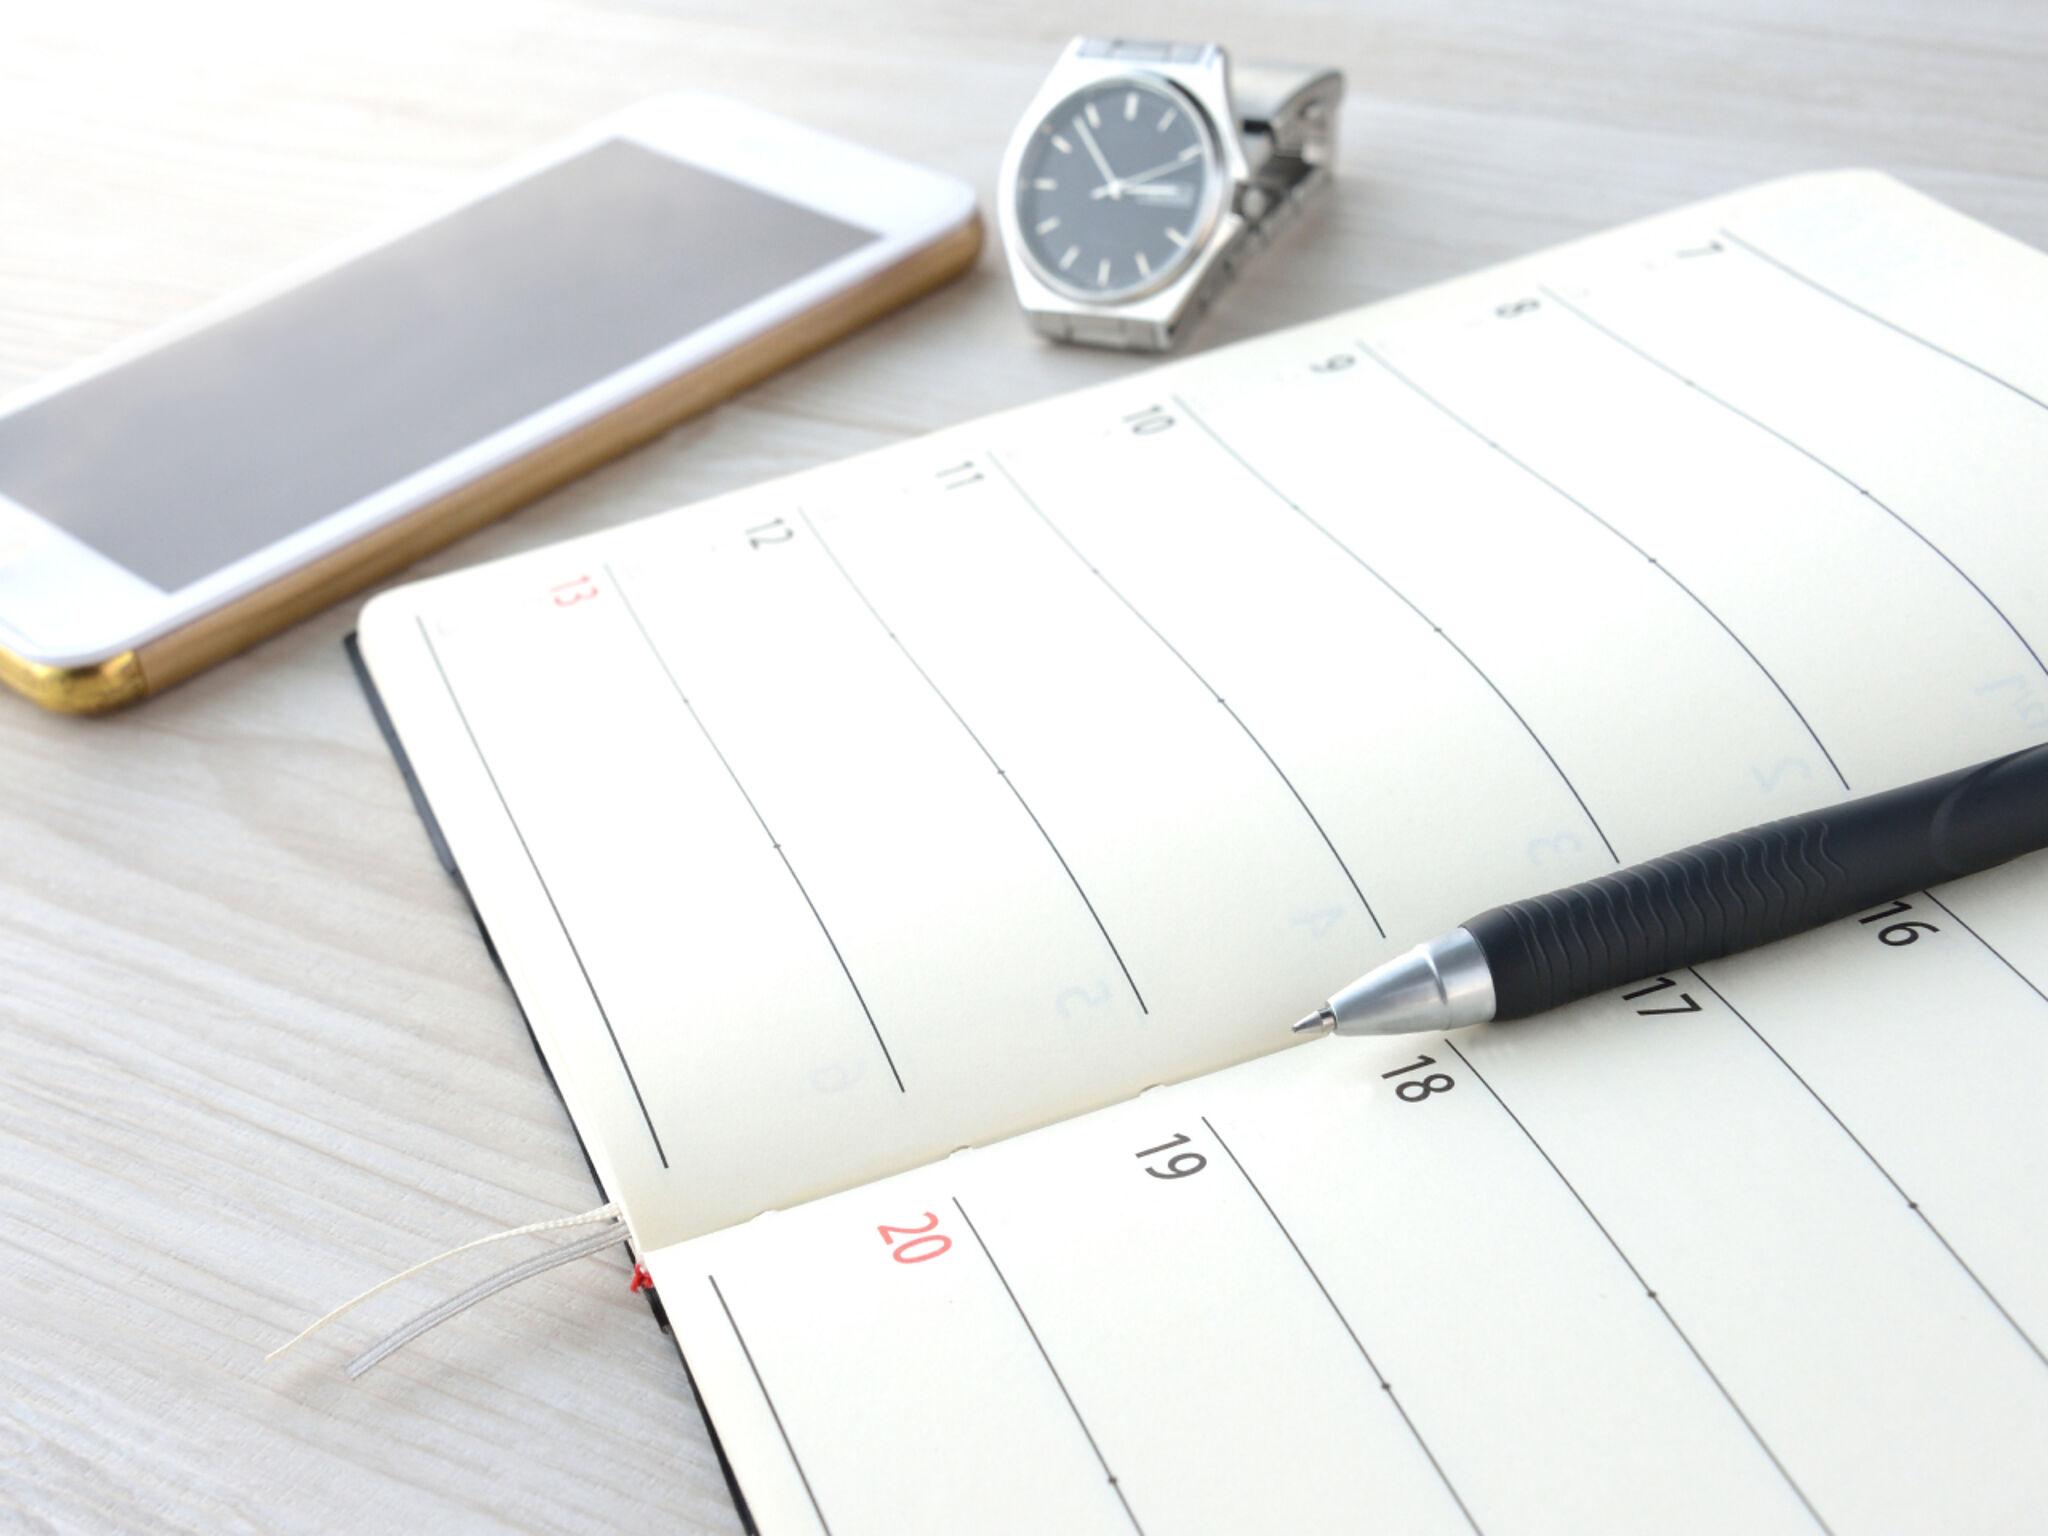 スマートフォンとスケジュール帳と腕時計の画像